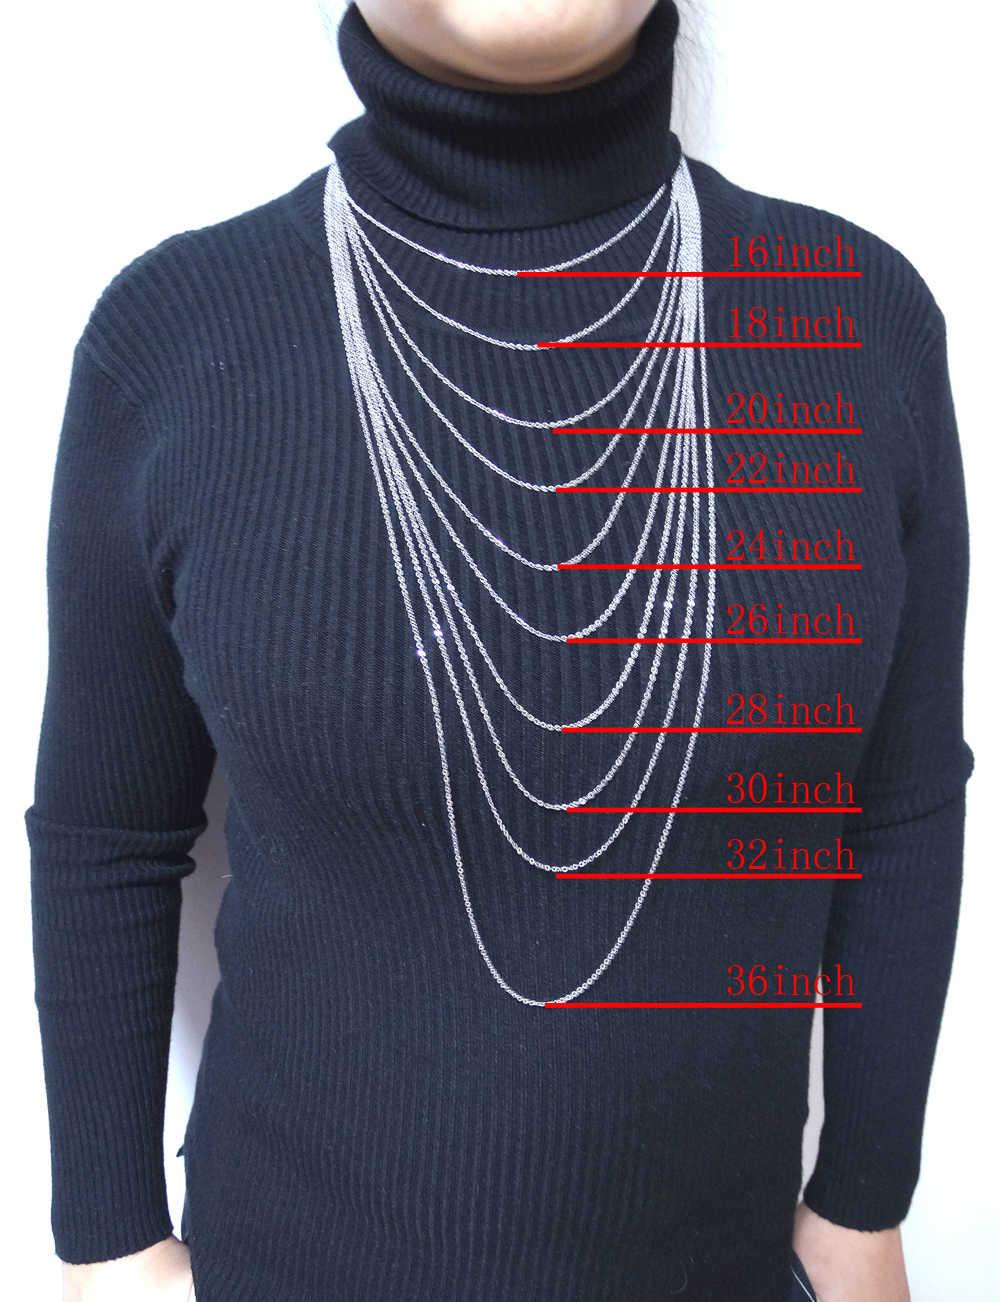 """Mężczyźni kobiety biżuteria 1mm 16 """"18"""" 20 """"22"""" 24 """"cali łańcuch linki modny naszyjnik ze stali nierdzewnej naszyjnik ze stali klasyczny pop łańcuchy Rolo"""